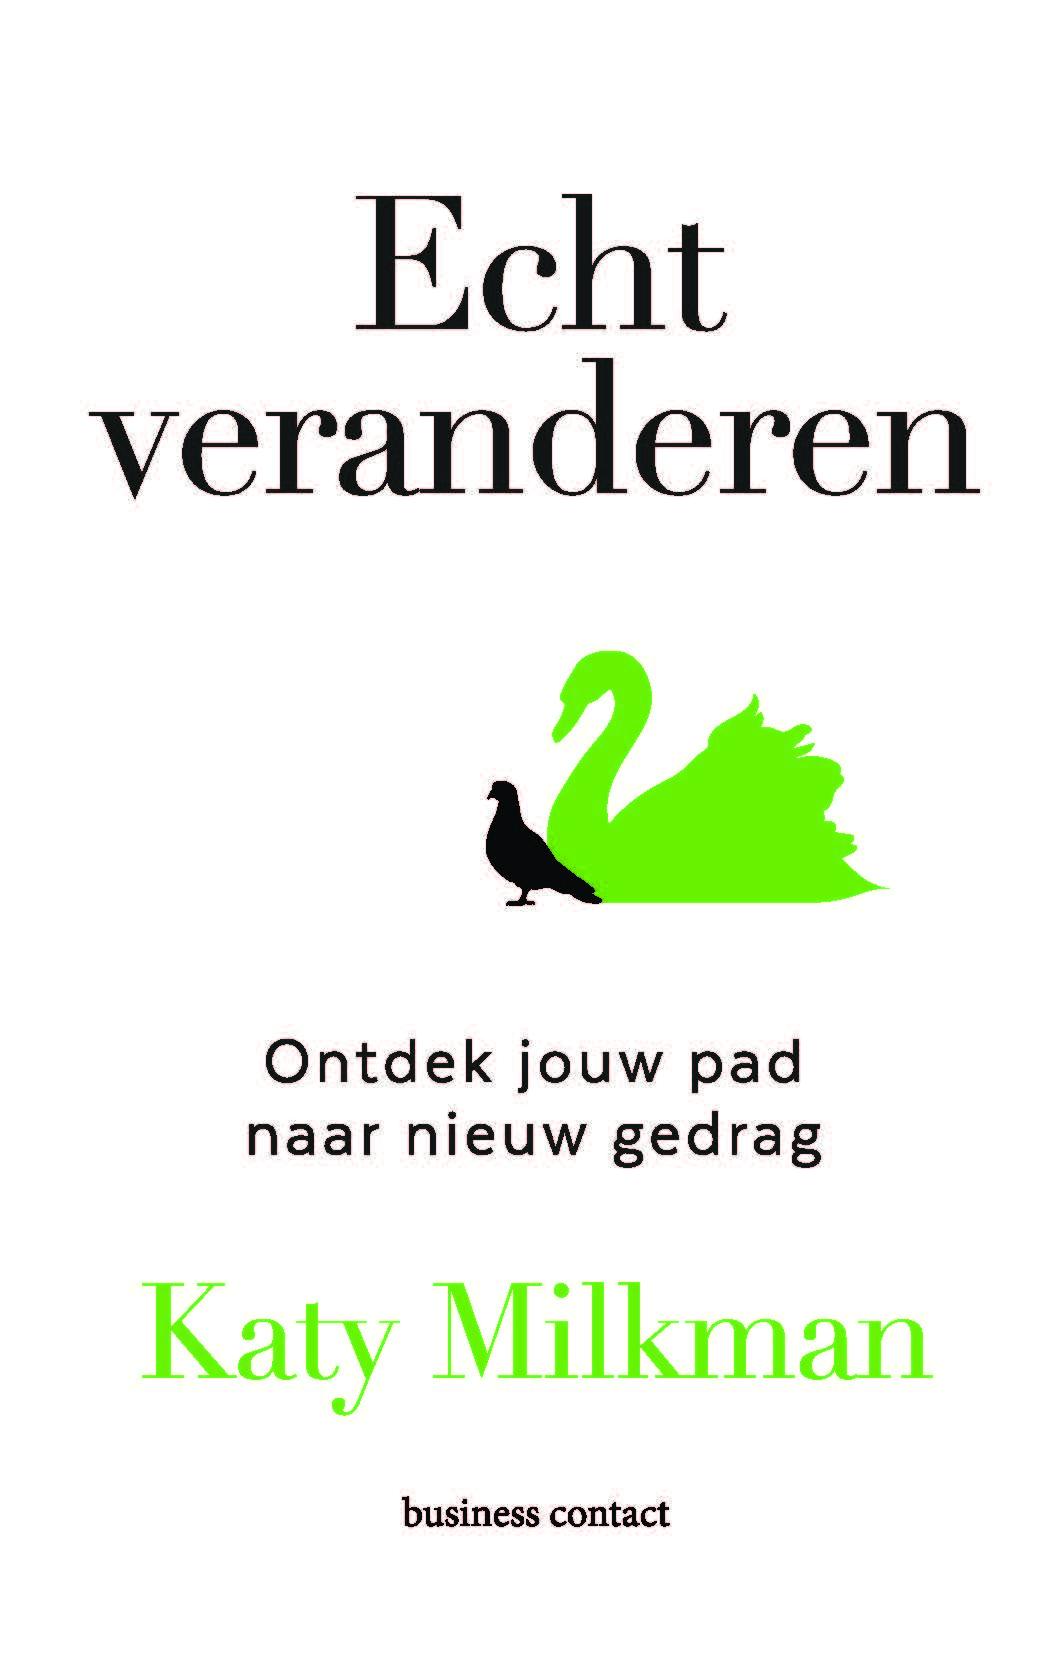 Echt veranderen - Katy Milkman